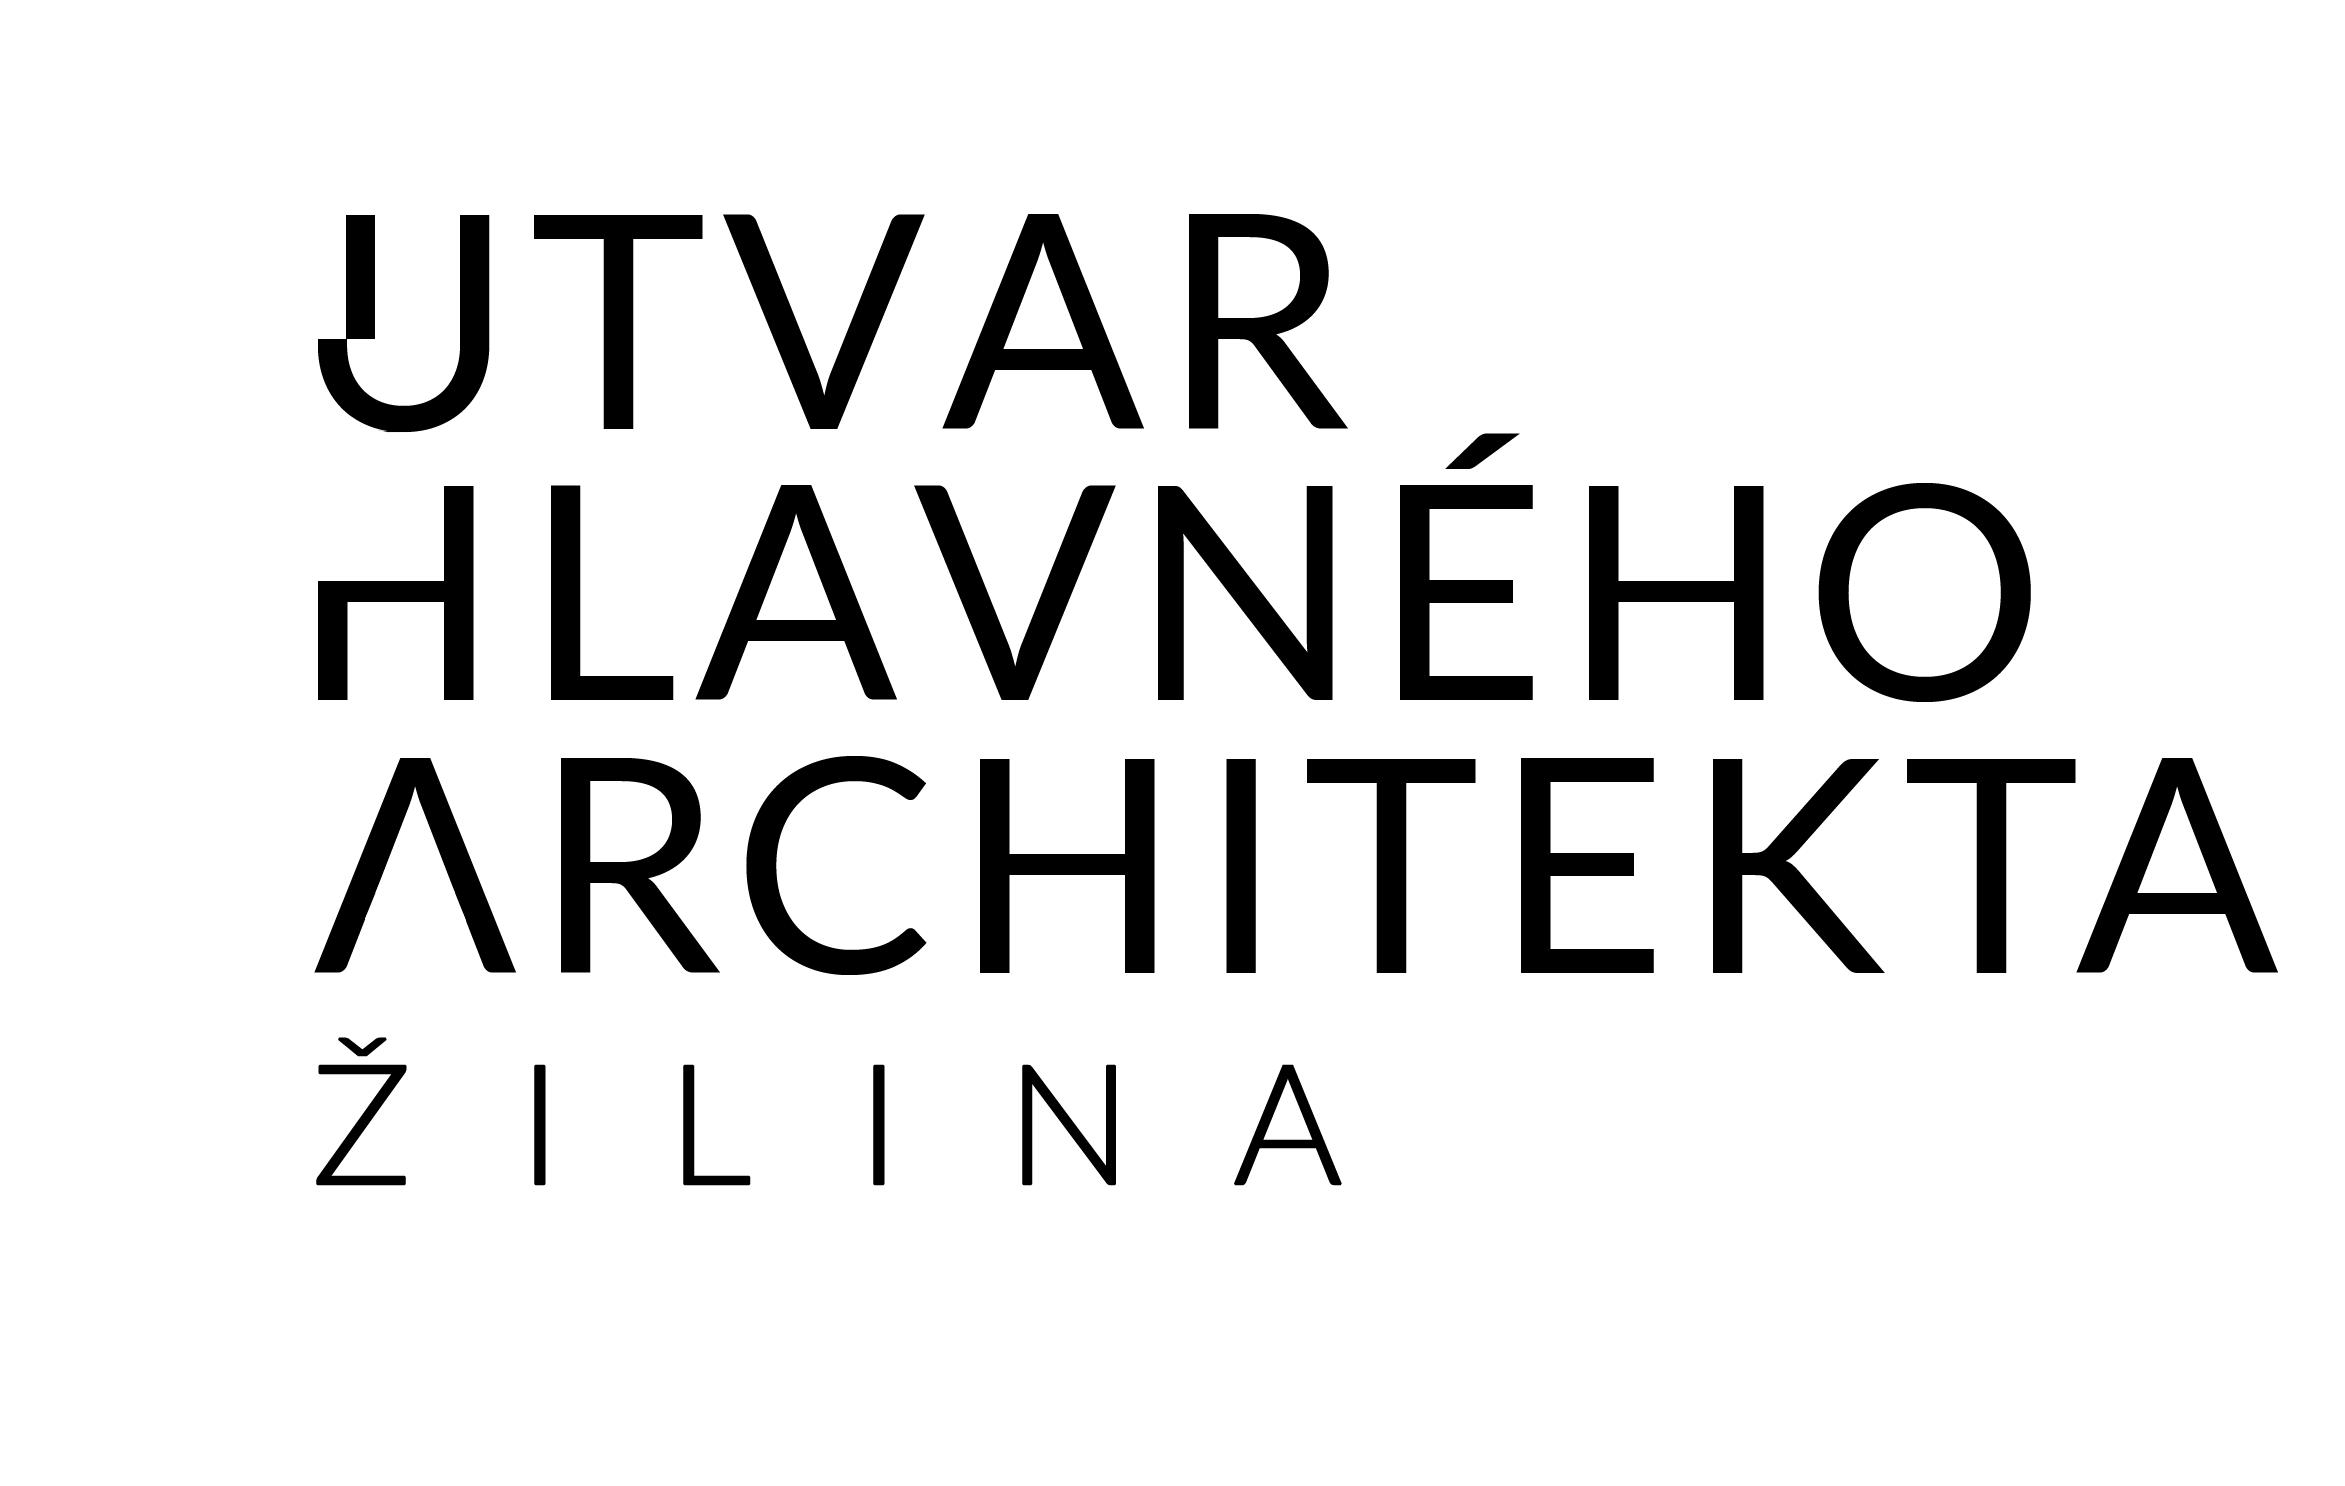 Útvar hlavného architekta